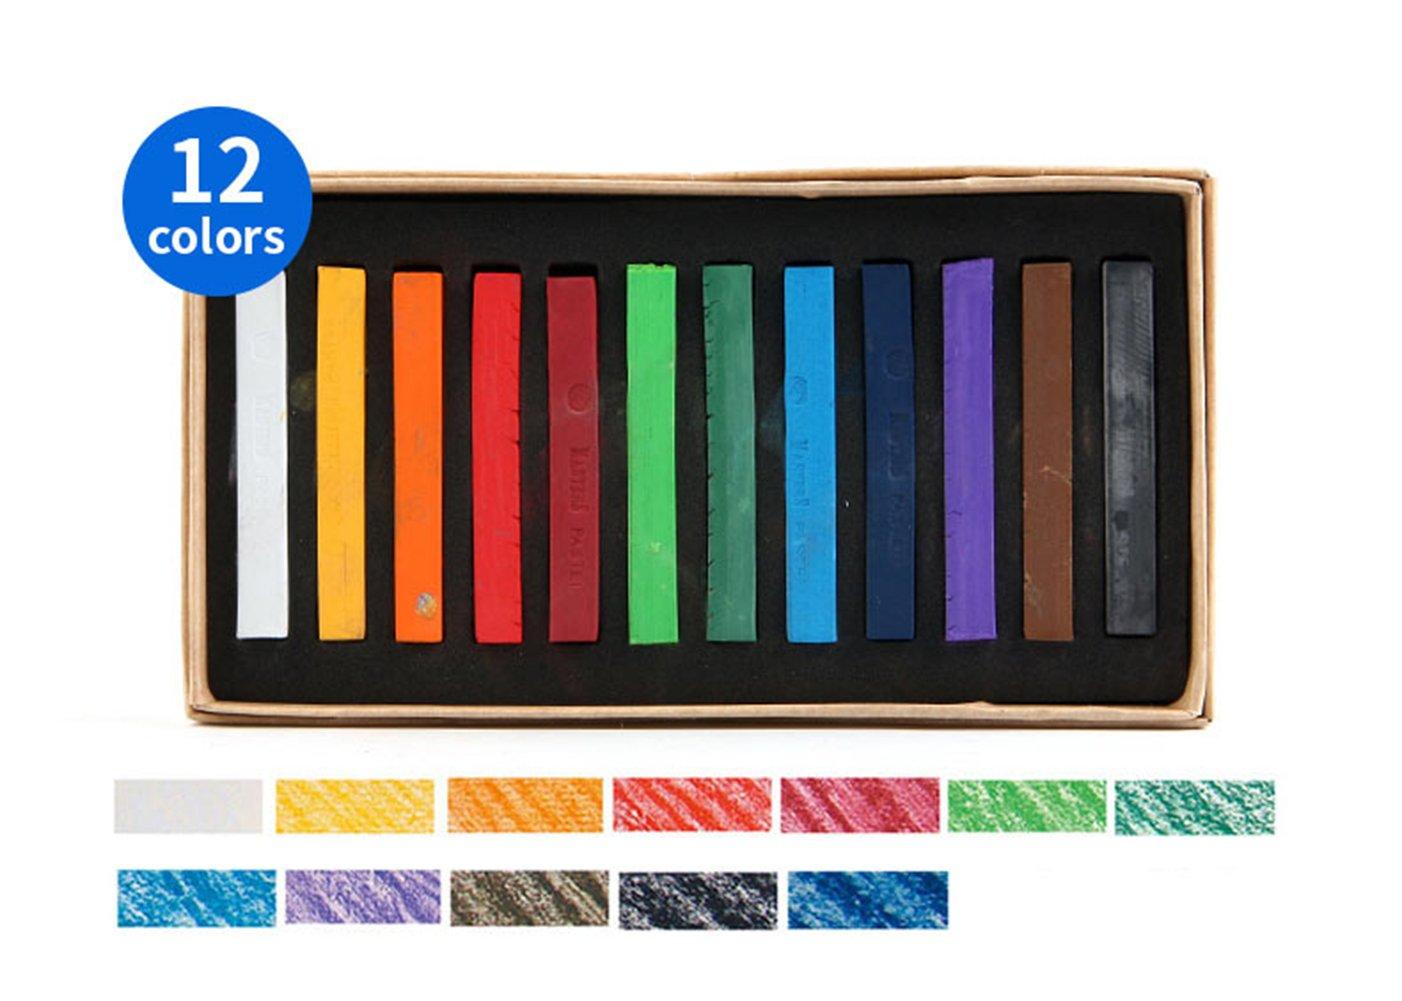 Soft Pastels; Sketch Pastels; Artist Pastels; Disposable Hair Dye Stick diandiandidi